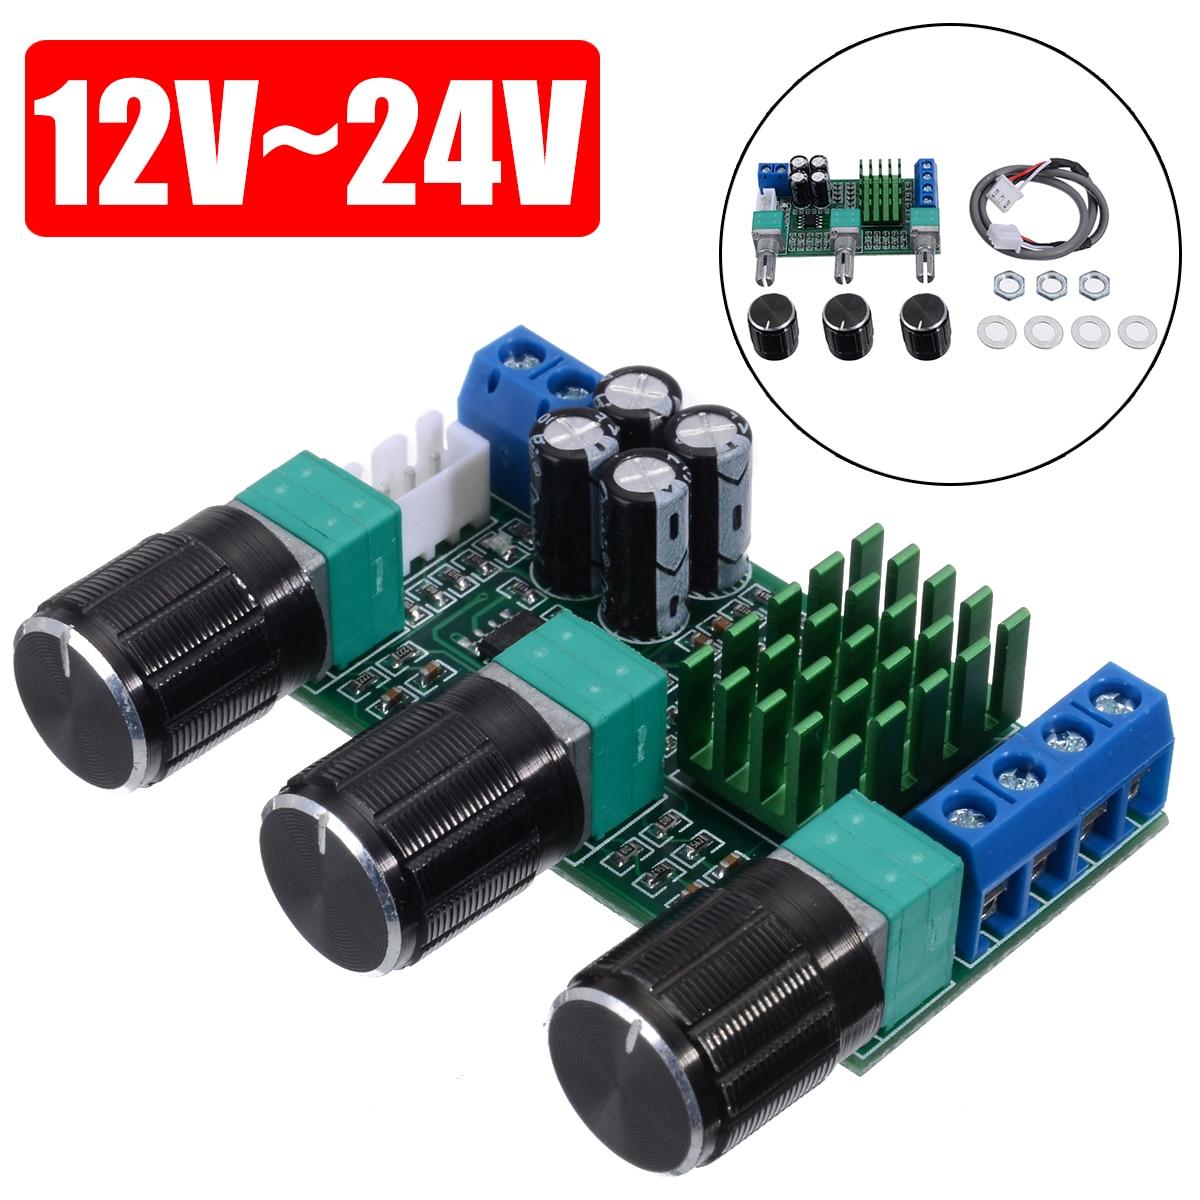 TPA3116D2 Digital Amplifier Board 80W+80W 12V~24V Dual Channel Stereo Power Amplifier Boards New diy hi fi 6n3 tube pre amplifier tda7294 amplifier board kit 80w 80w